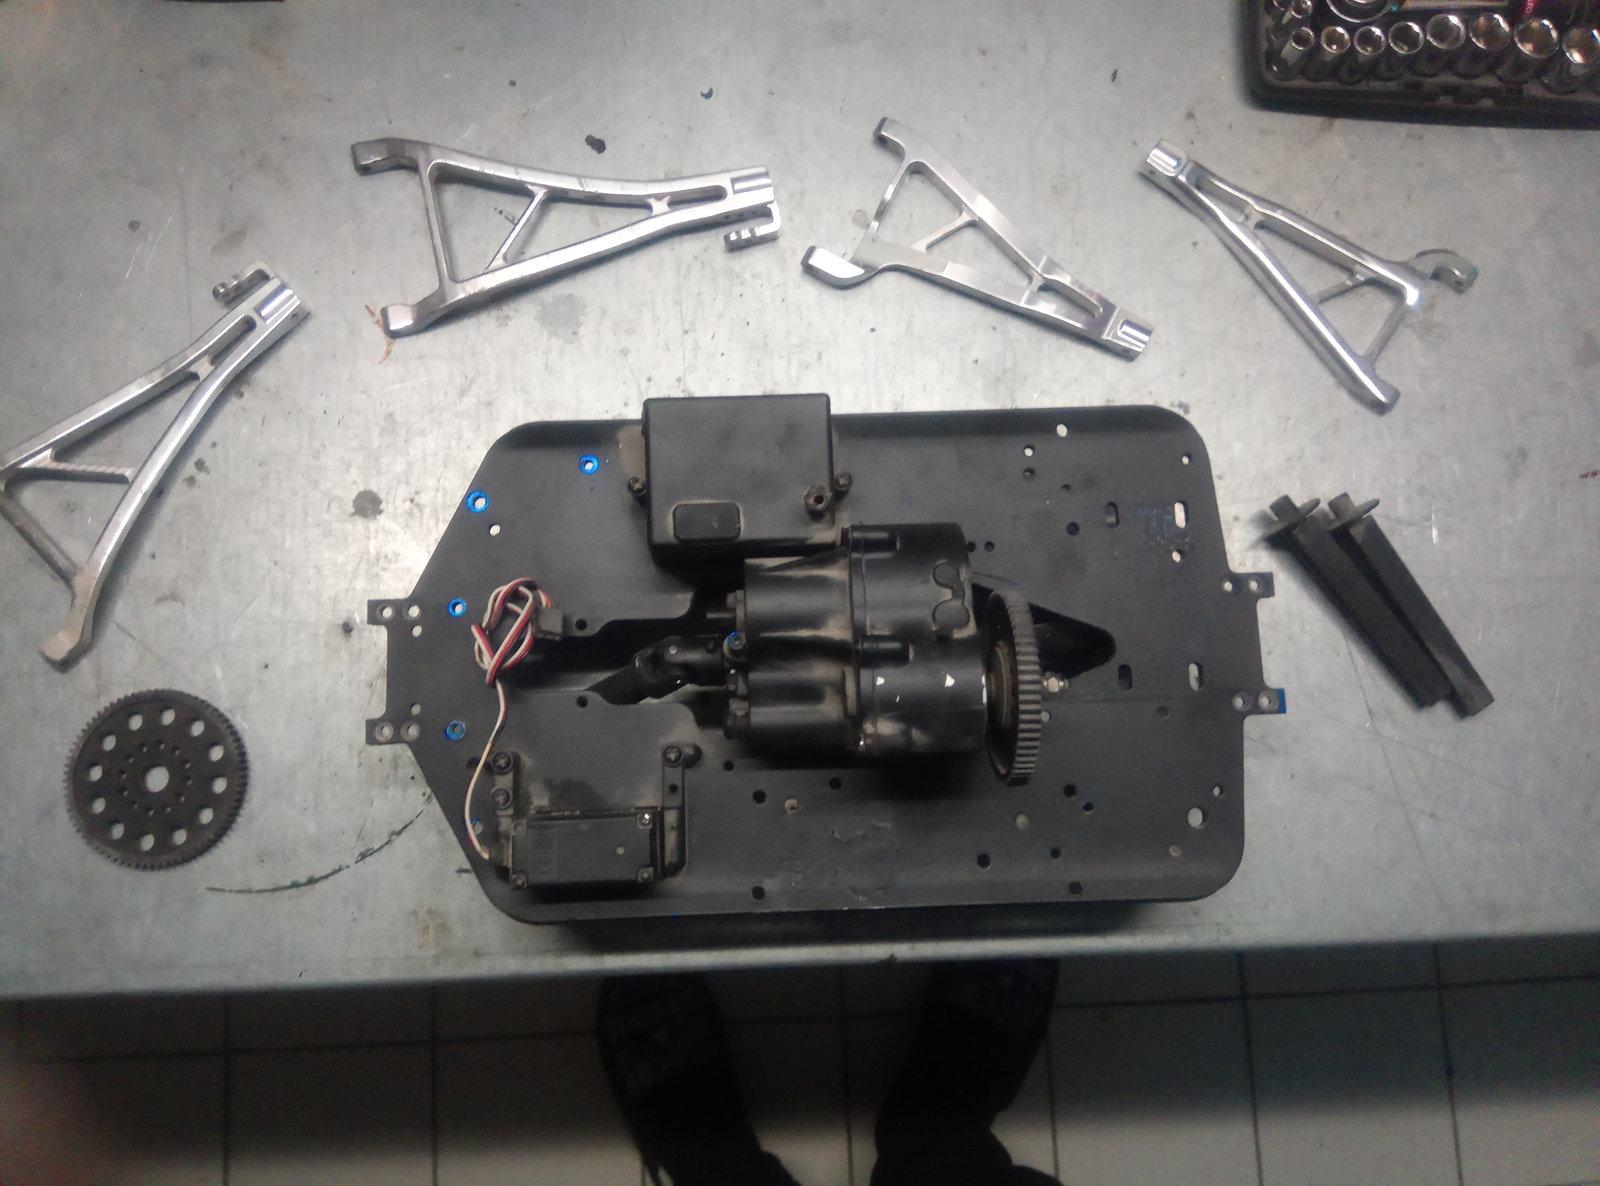 [DONNE] Pieces E-Maxx Thermique & Revo / E-Revo 201213050319466405